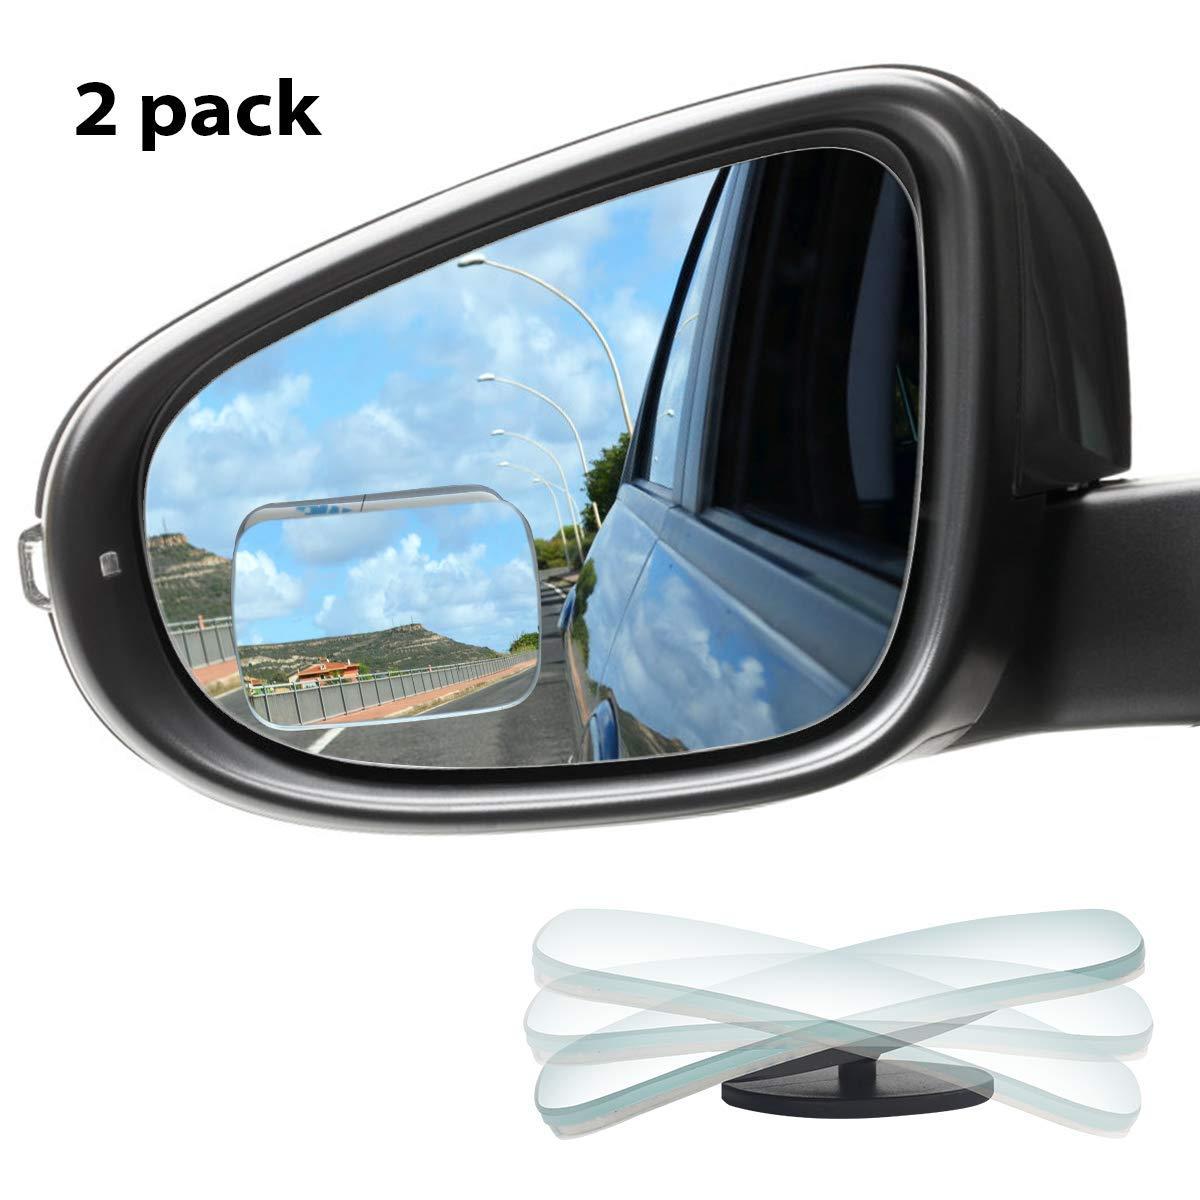 Herbert Richter 10410401 Blind-Spot Interior Mirror